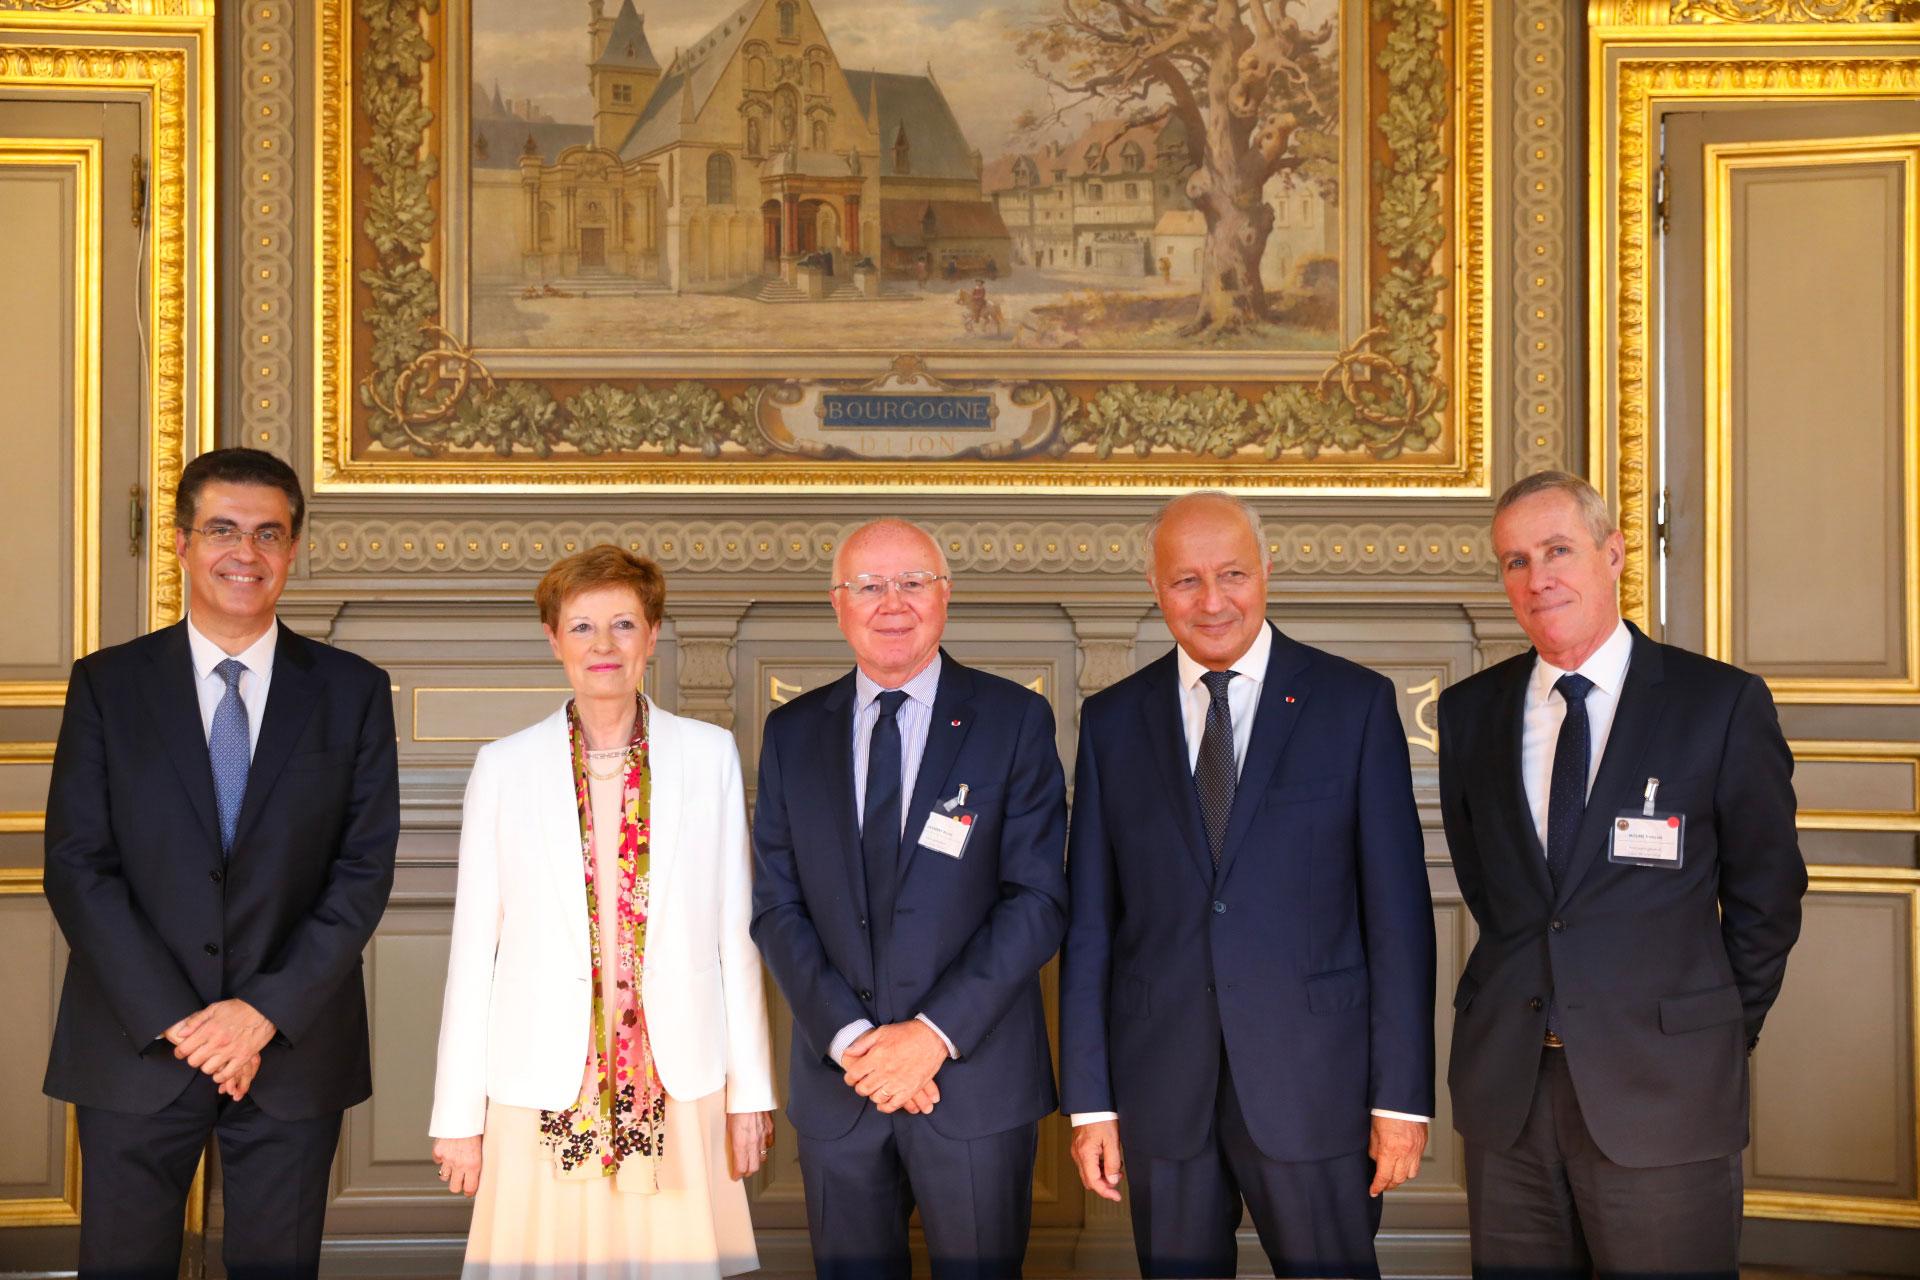 Conférence des chefs des cours suprêmes des États membres du Conseil de l'Europe